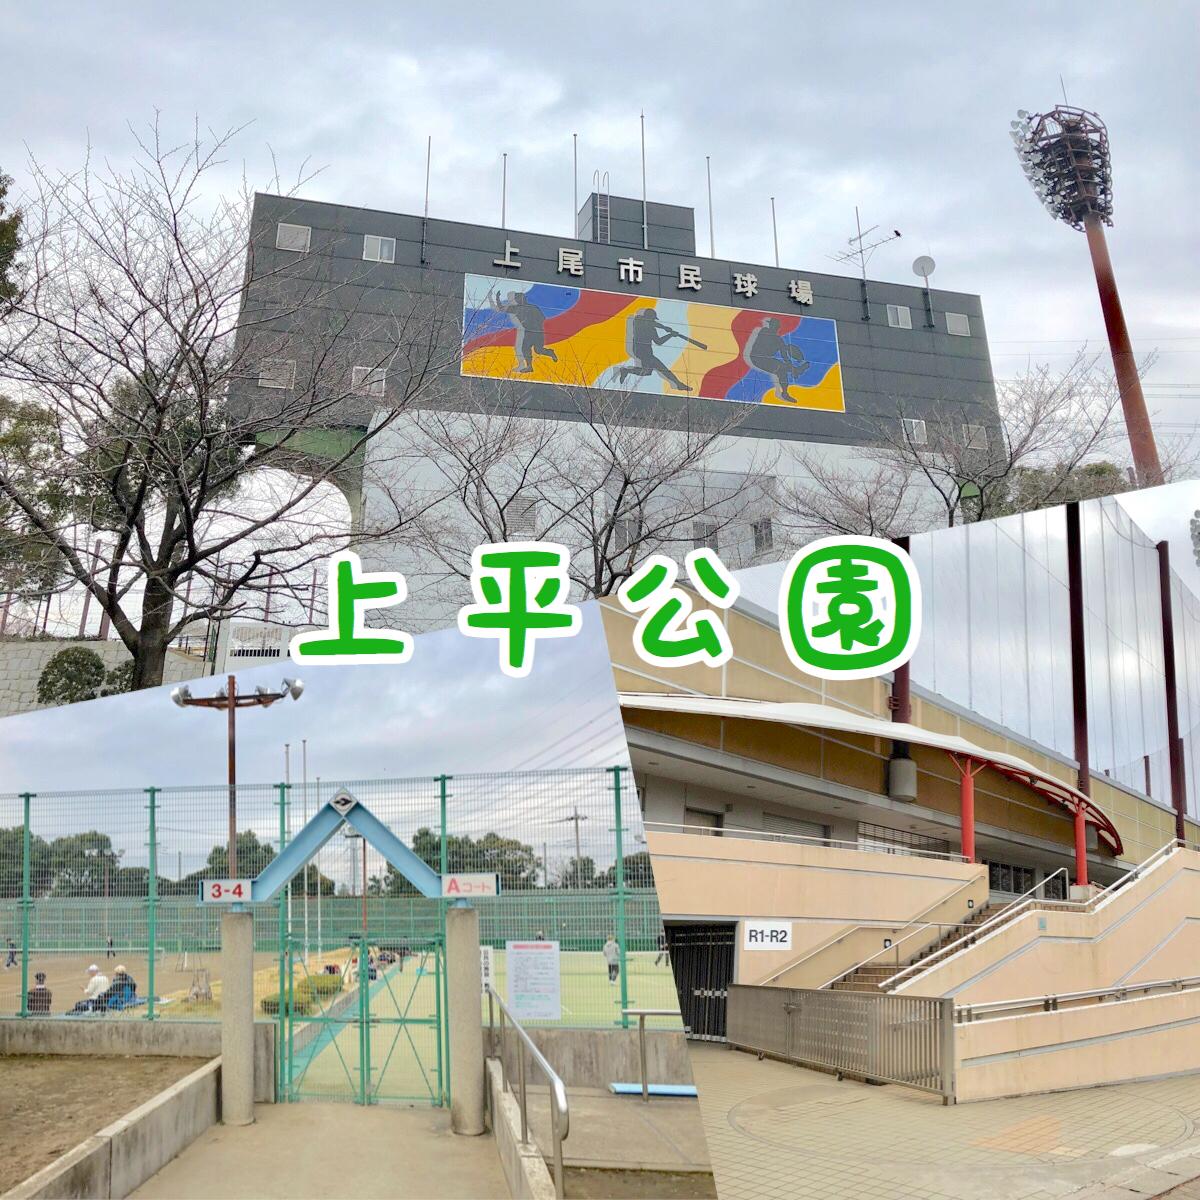 上平公園|野球場・テニスコート・ジョギングコースもある市民憩いの場